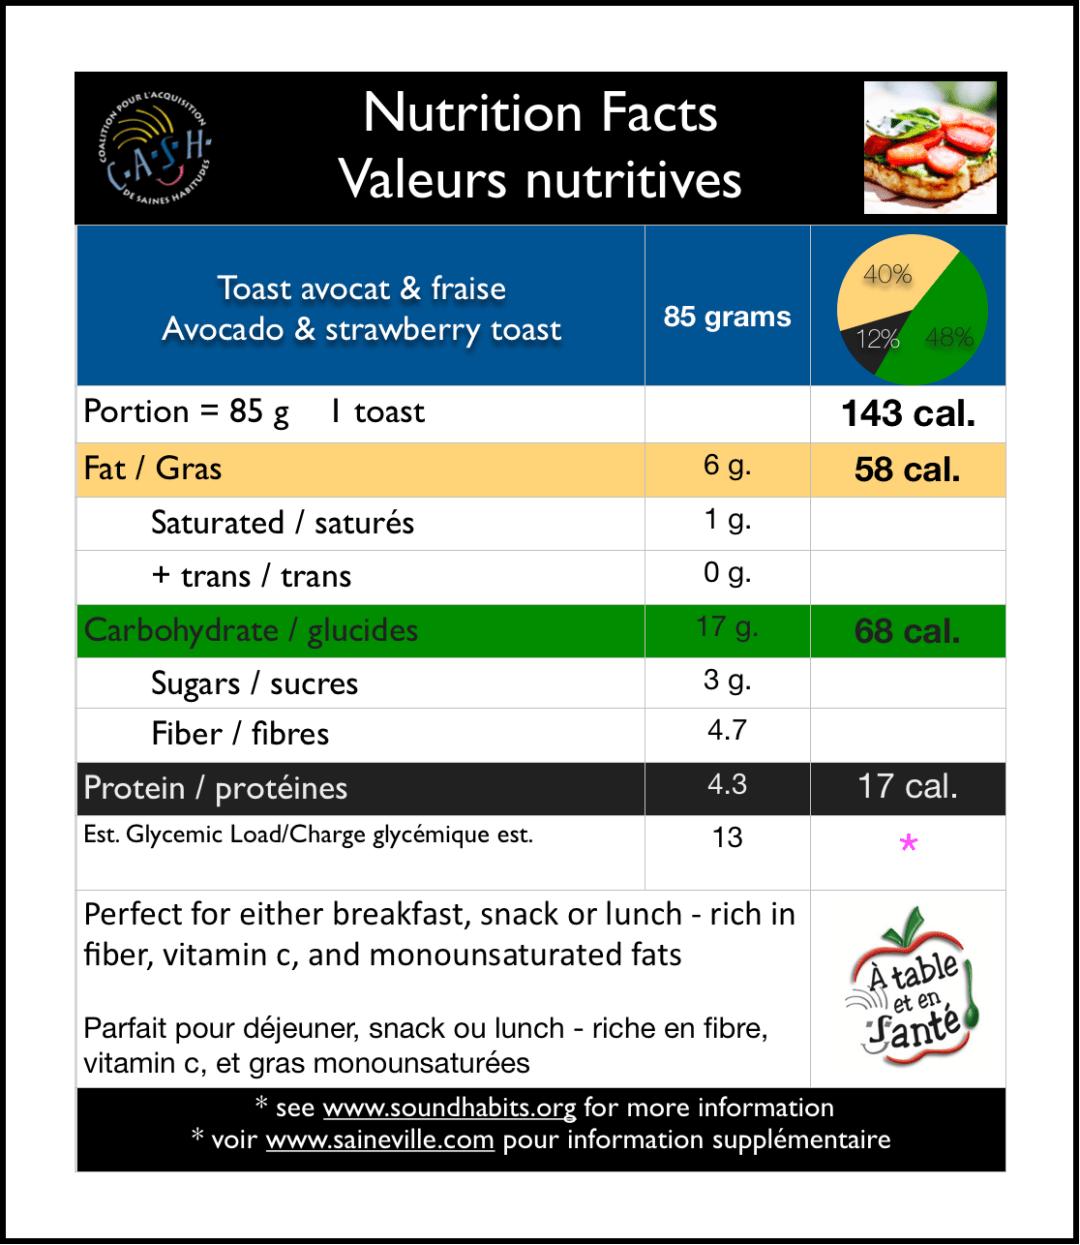 Toast Avocat et Fraise - Nutrition Data